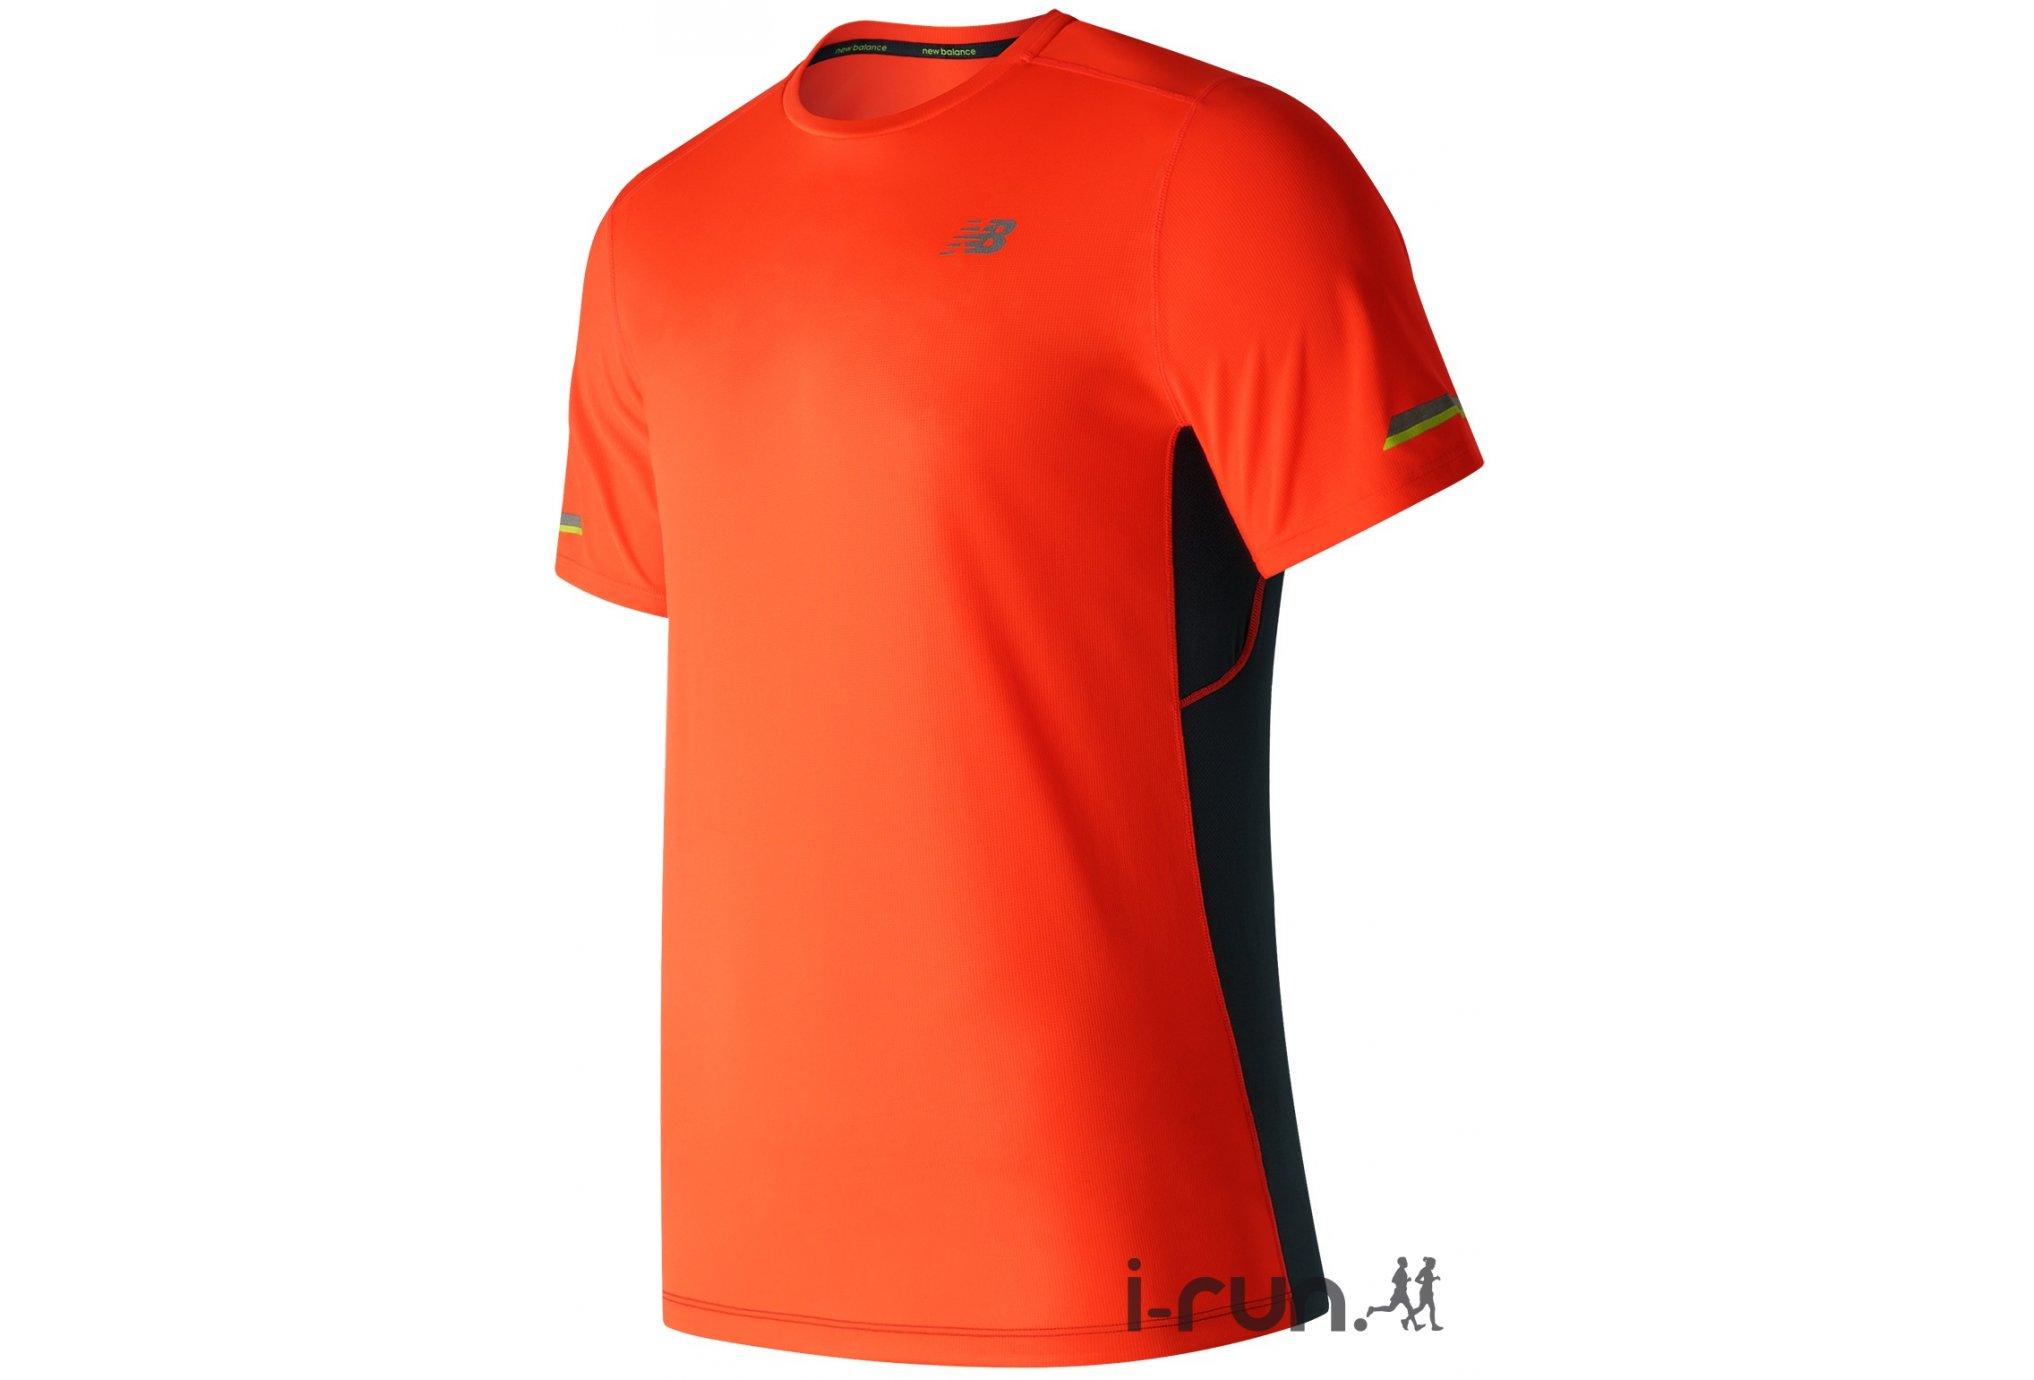 New Balance Tee-shirt Ice M vêtement running homme